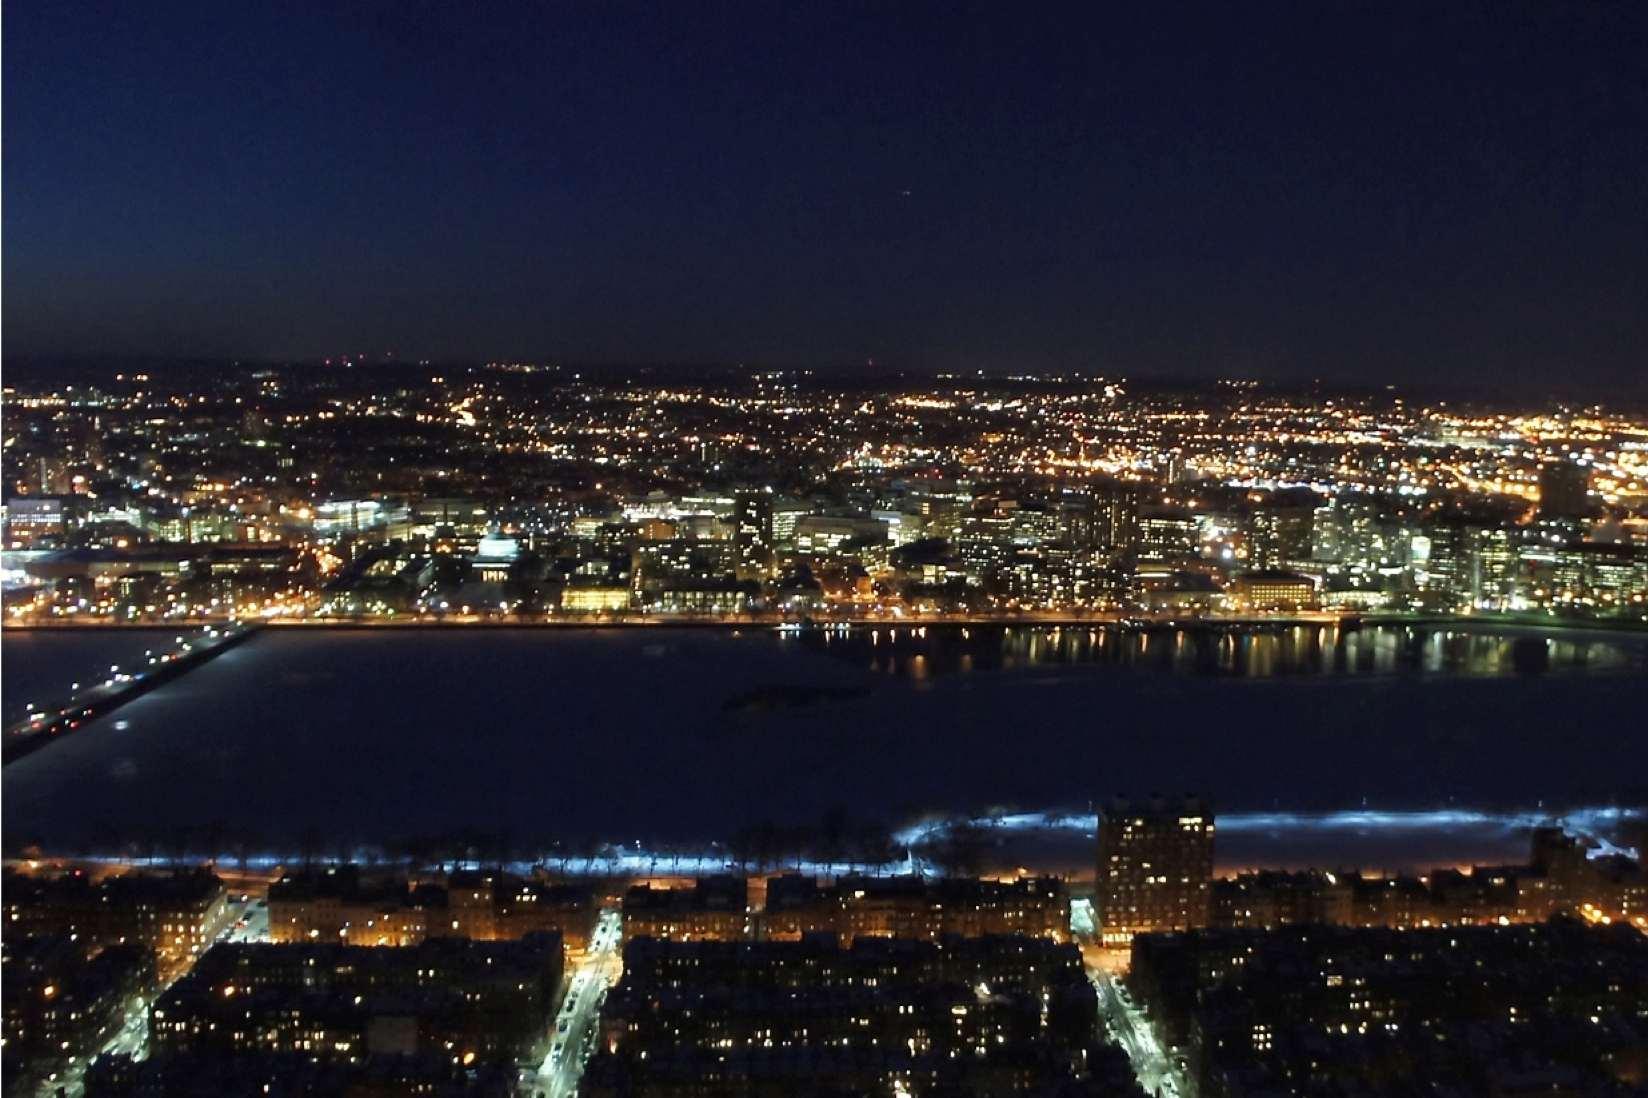 Cambridge, Massachusetts at Night